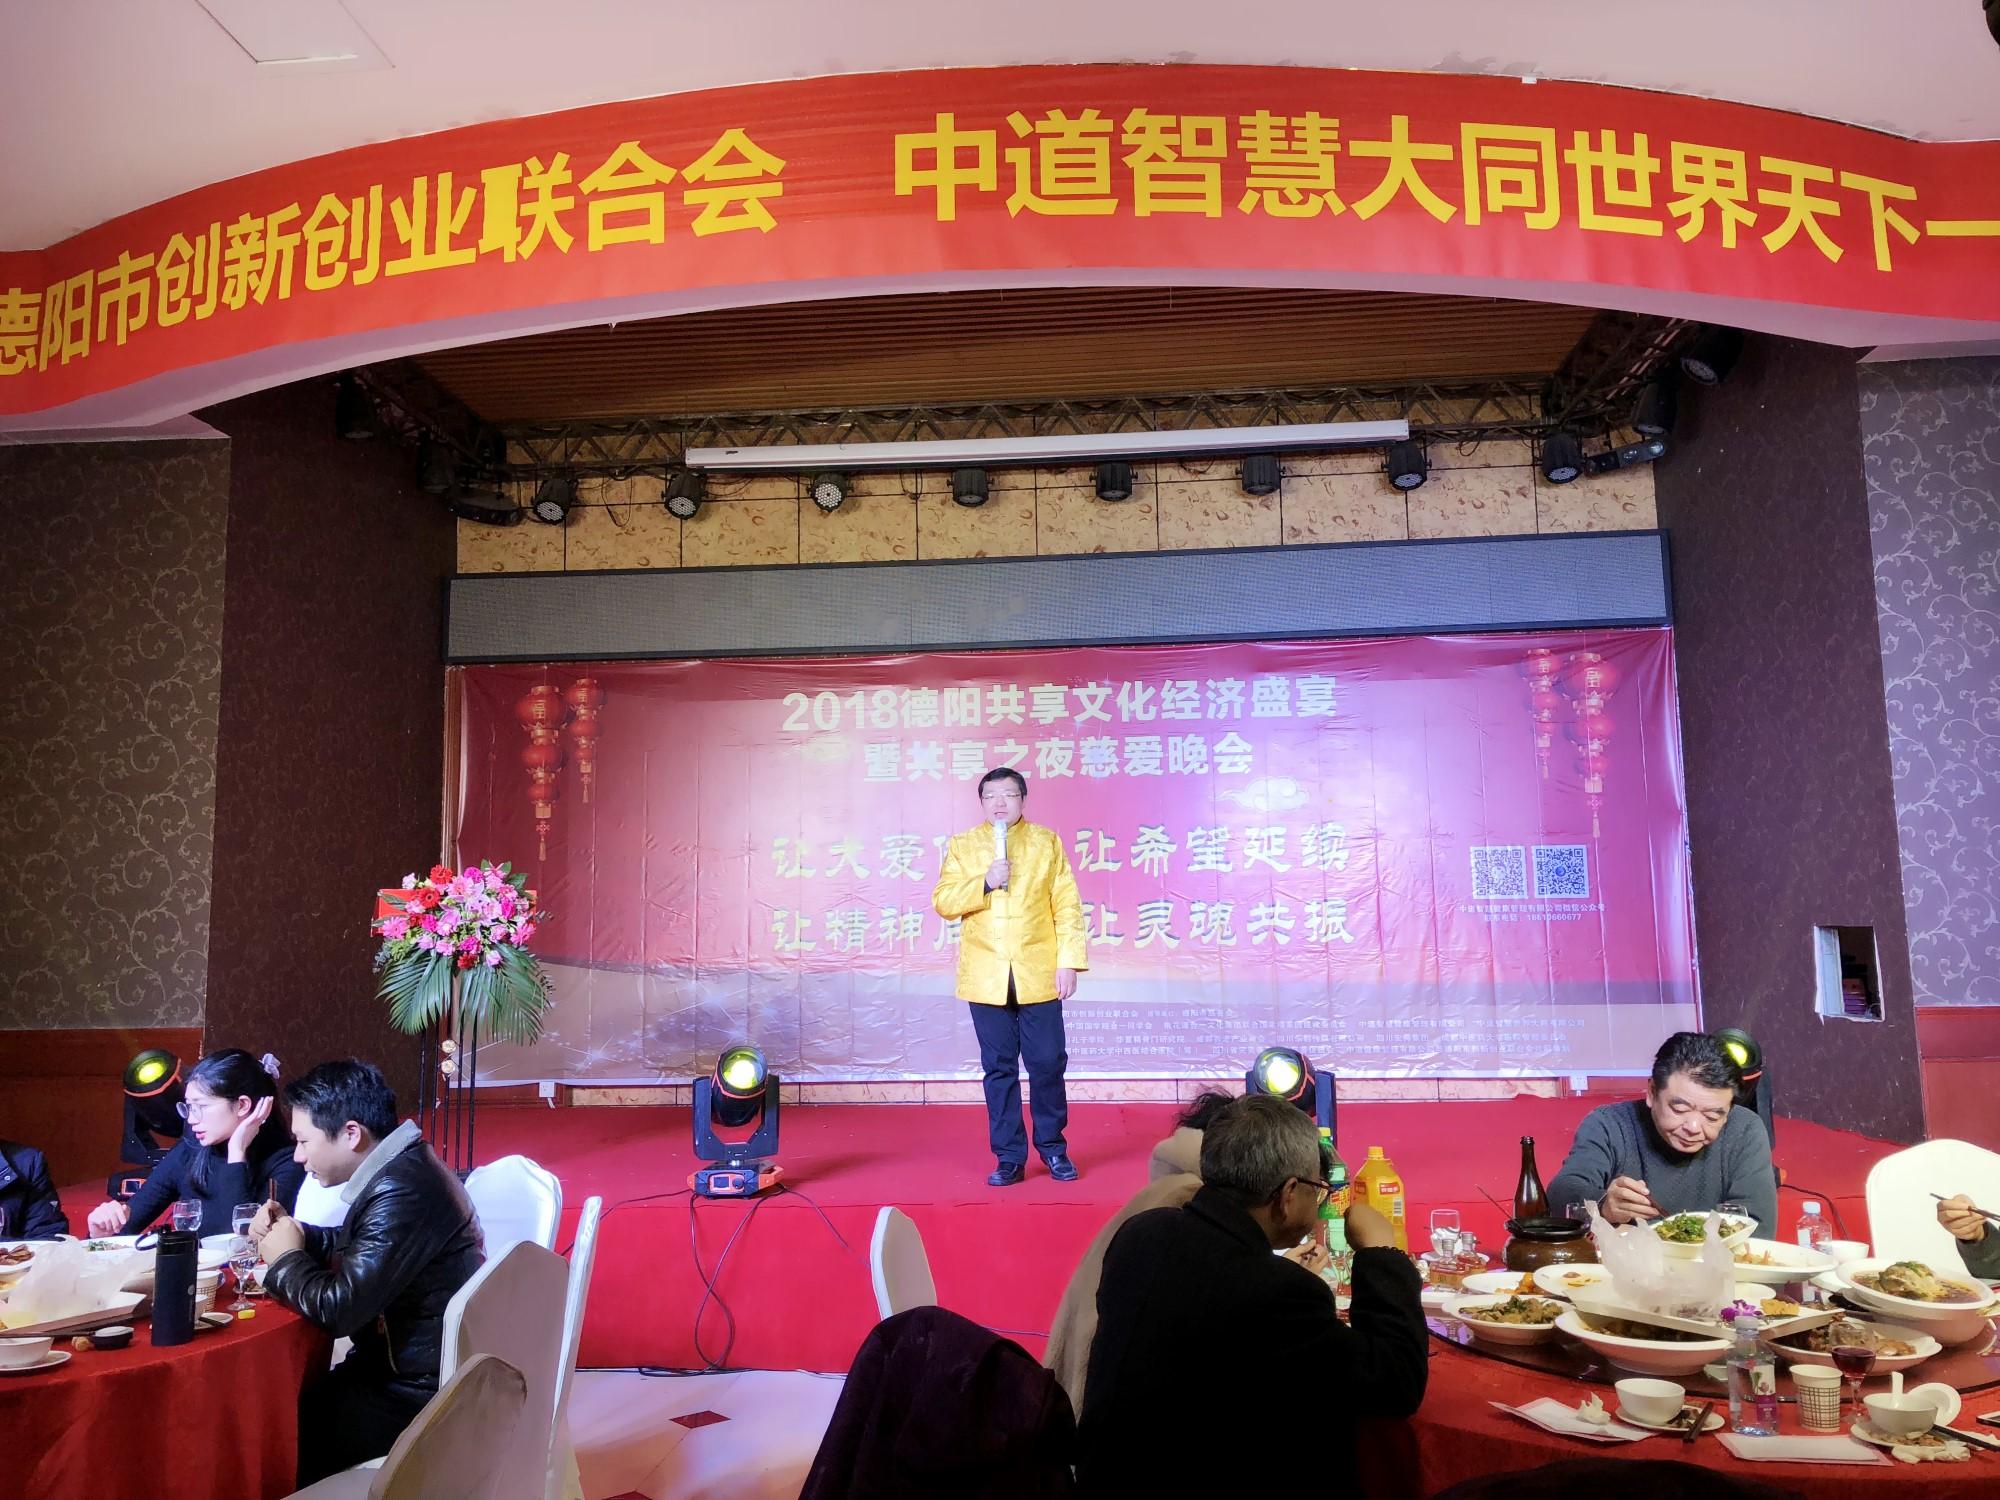 冯成平:中道智慧《领航2050》首唱在德阳唱响